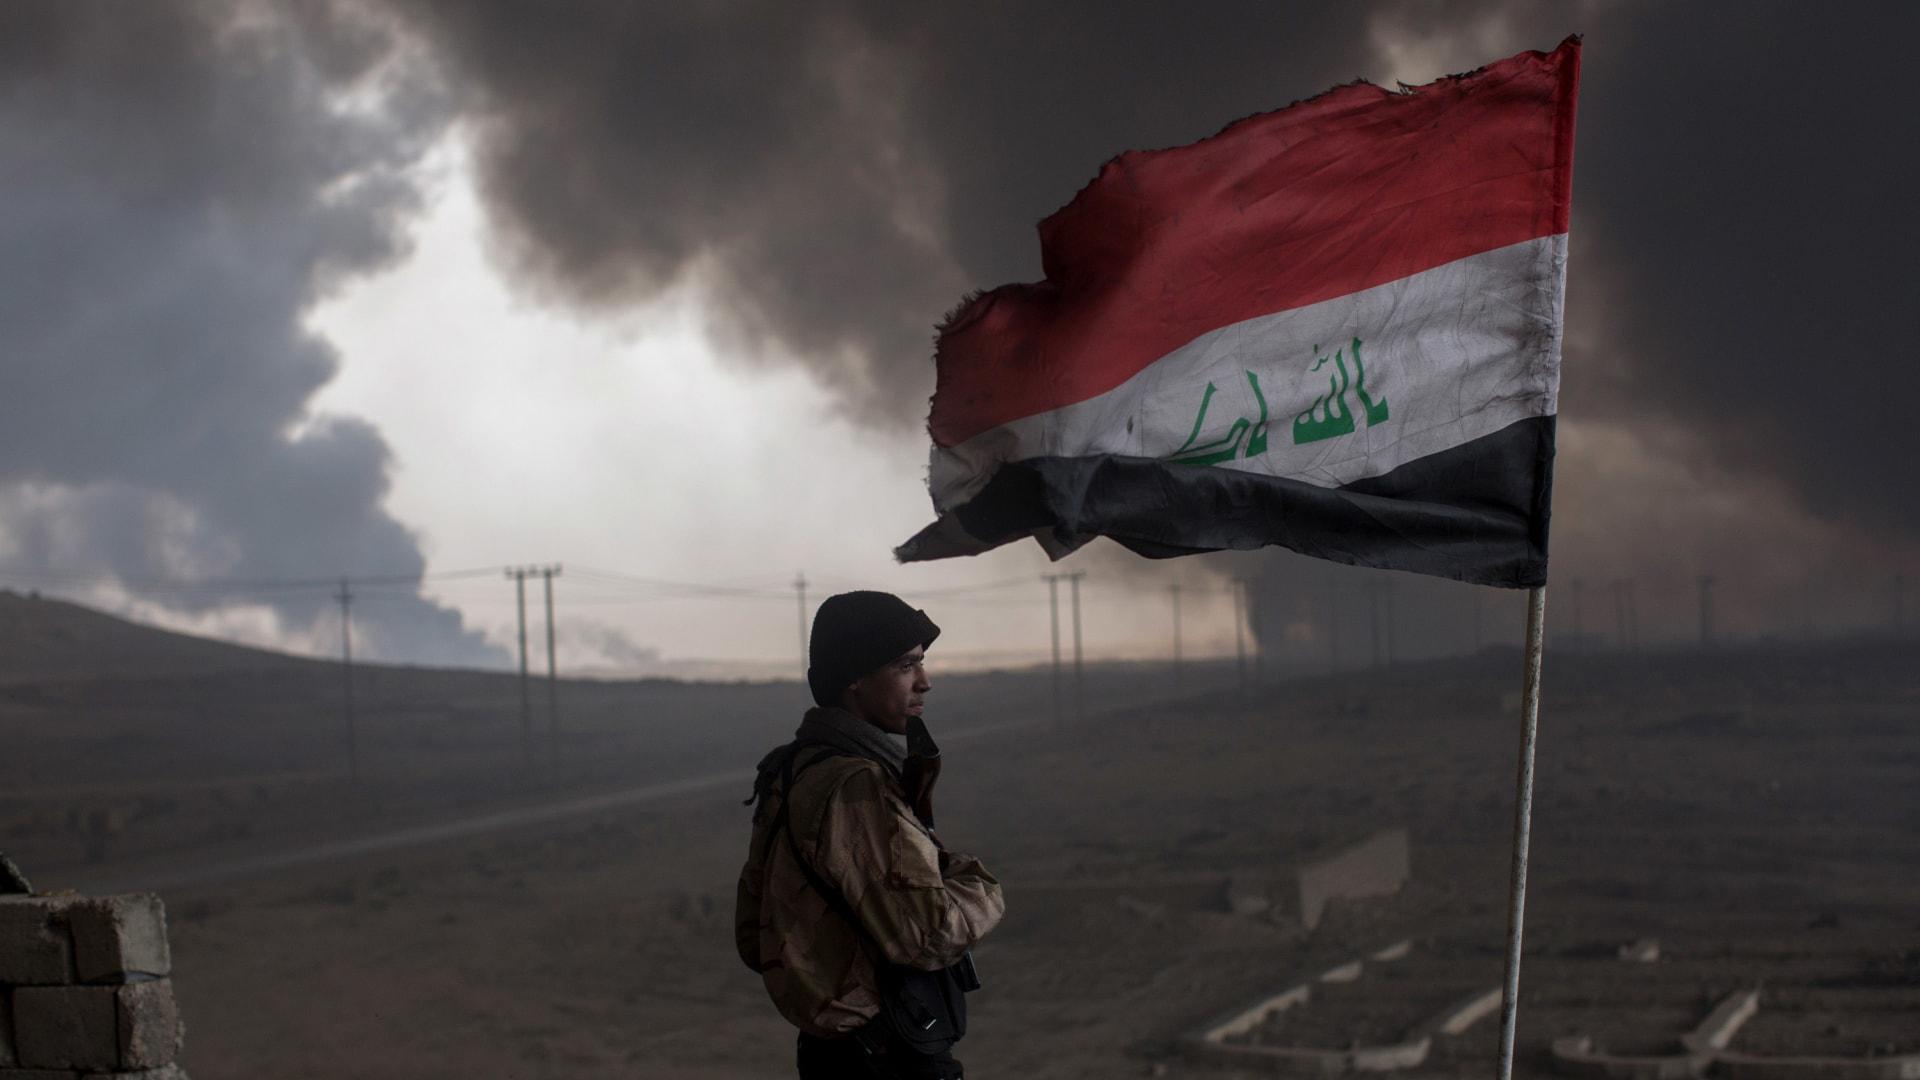 برهم صالح: العراق وقع في دائرة صراع.. والمال السياسي ينتج نفس الخيارات